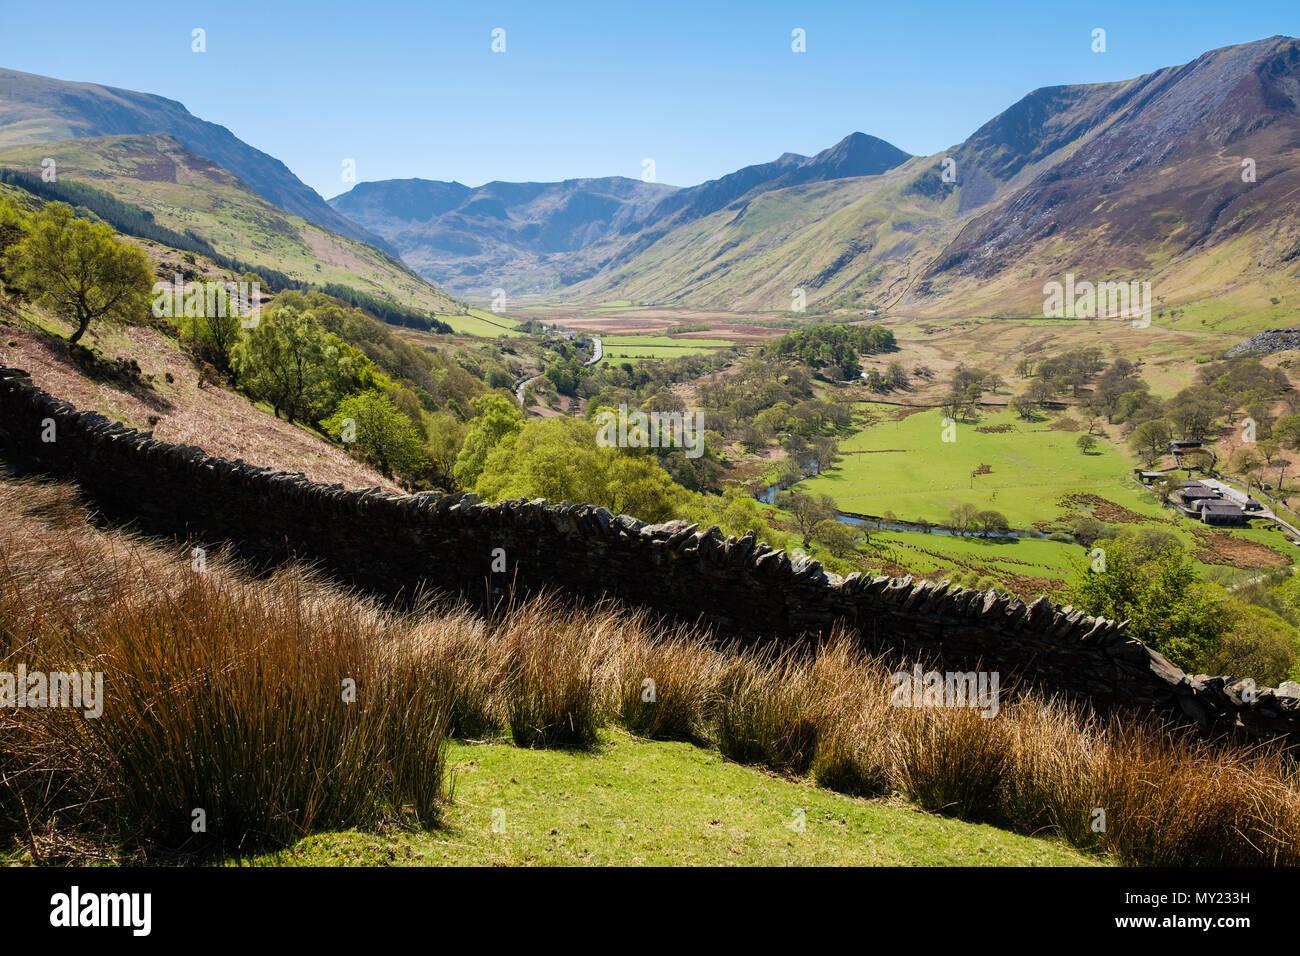 Vista di Nant Ffrancon valle Glyderau verso le montagne del Parco Nazionale di Snowdonia (Eryri) in estate. Bethesda, Gwynedd, il Galles del Nord, Regno Unito, Gran Bretagna Immagini Stock